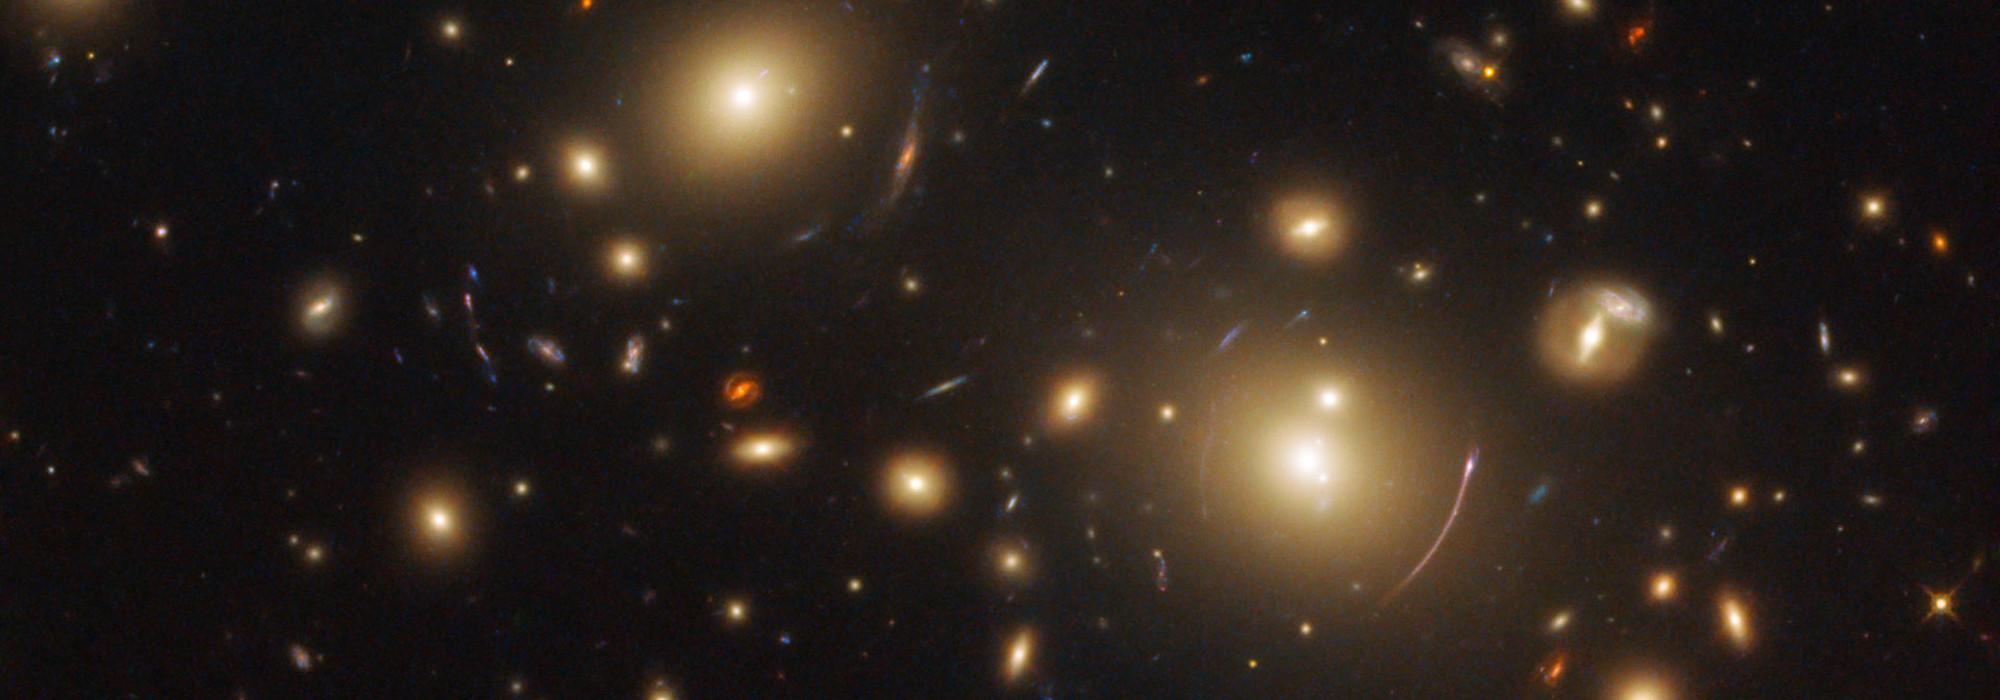 Evrenin genişlemesini kim keşfetti?